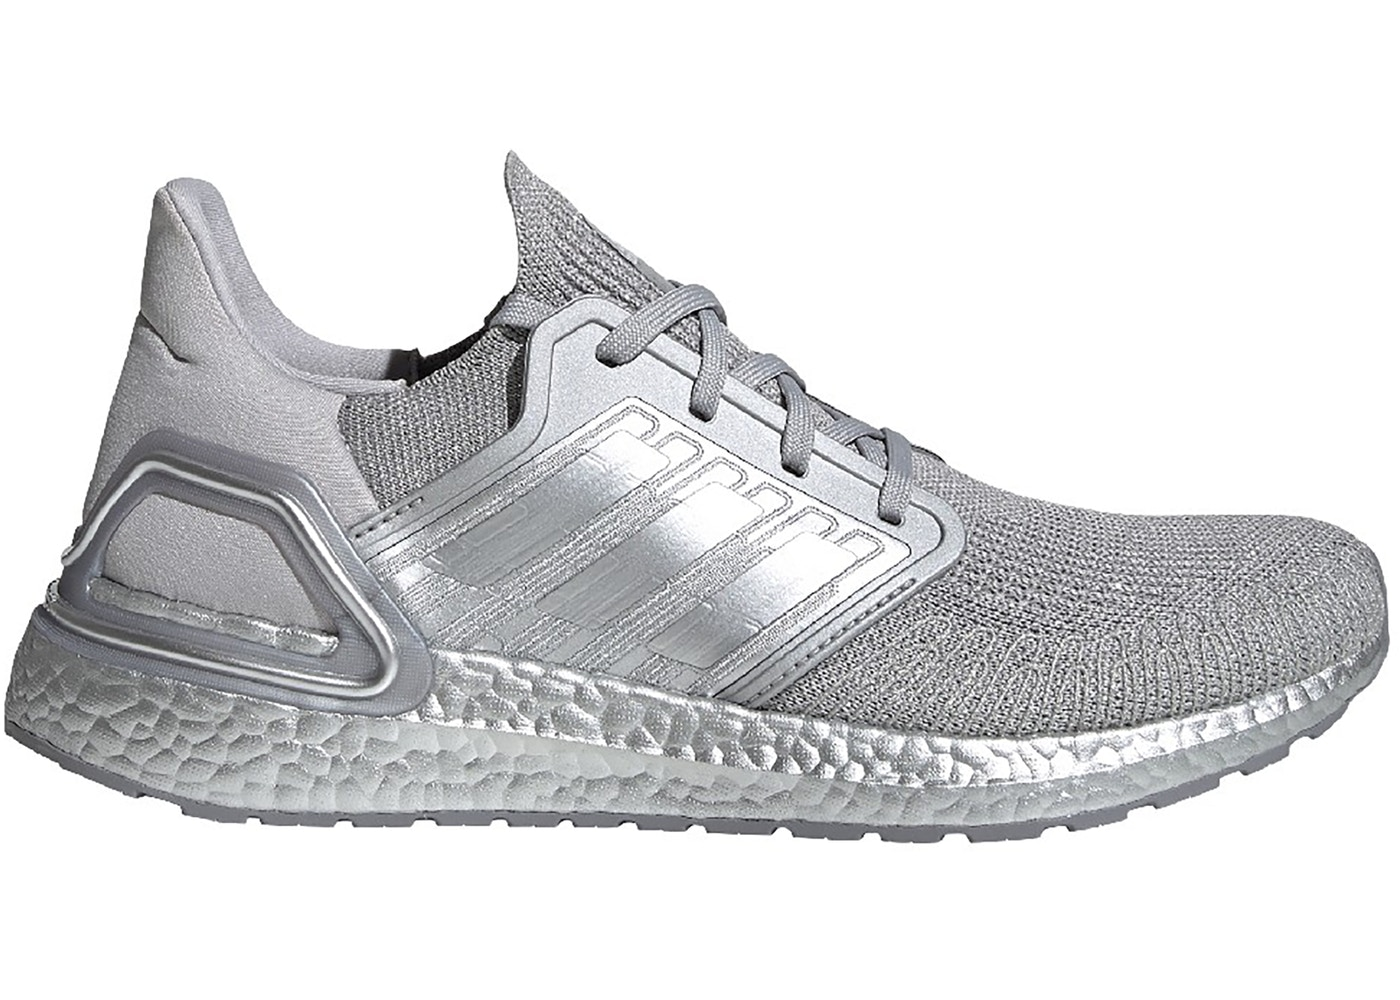 adidas Ultra Boost 20 Silver Metallic